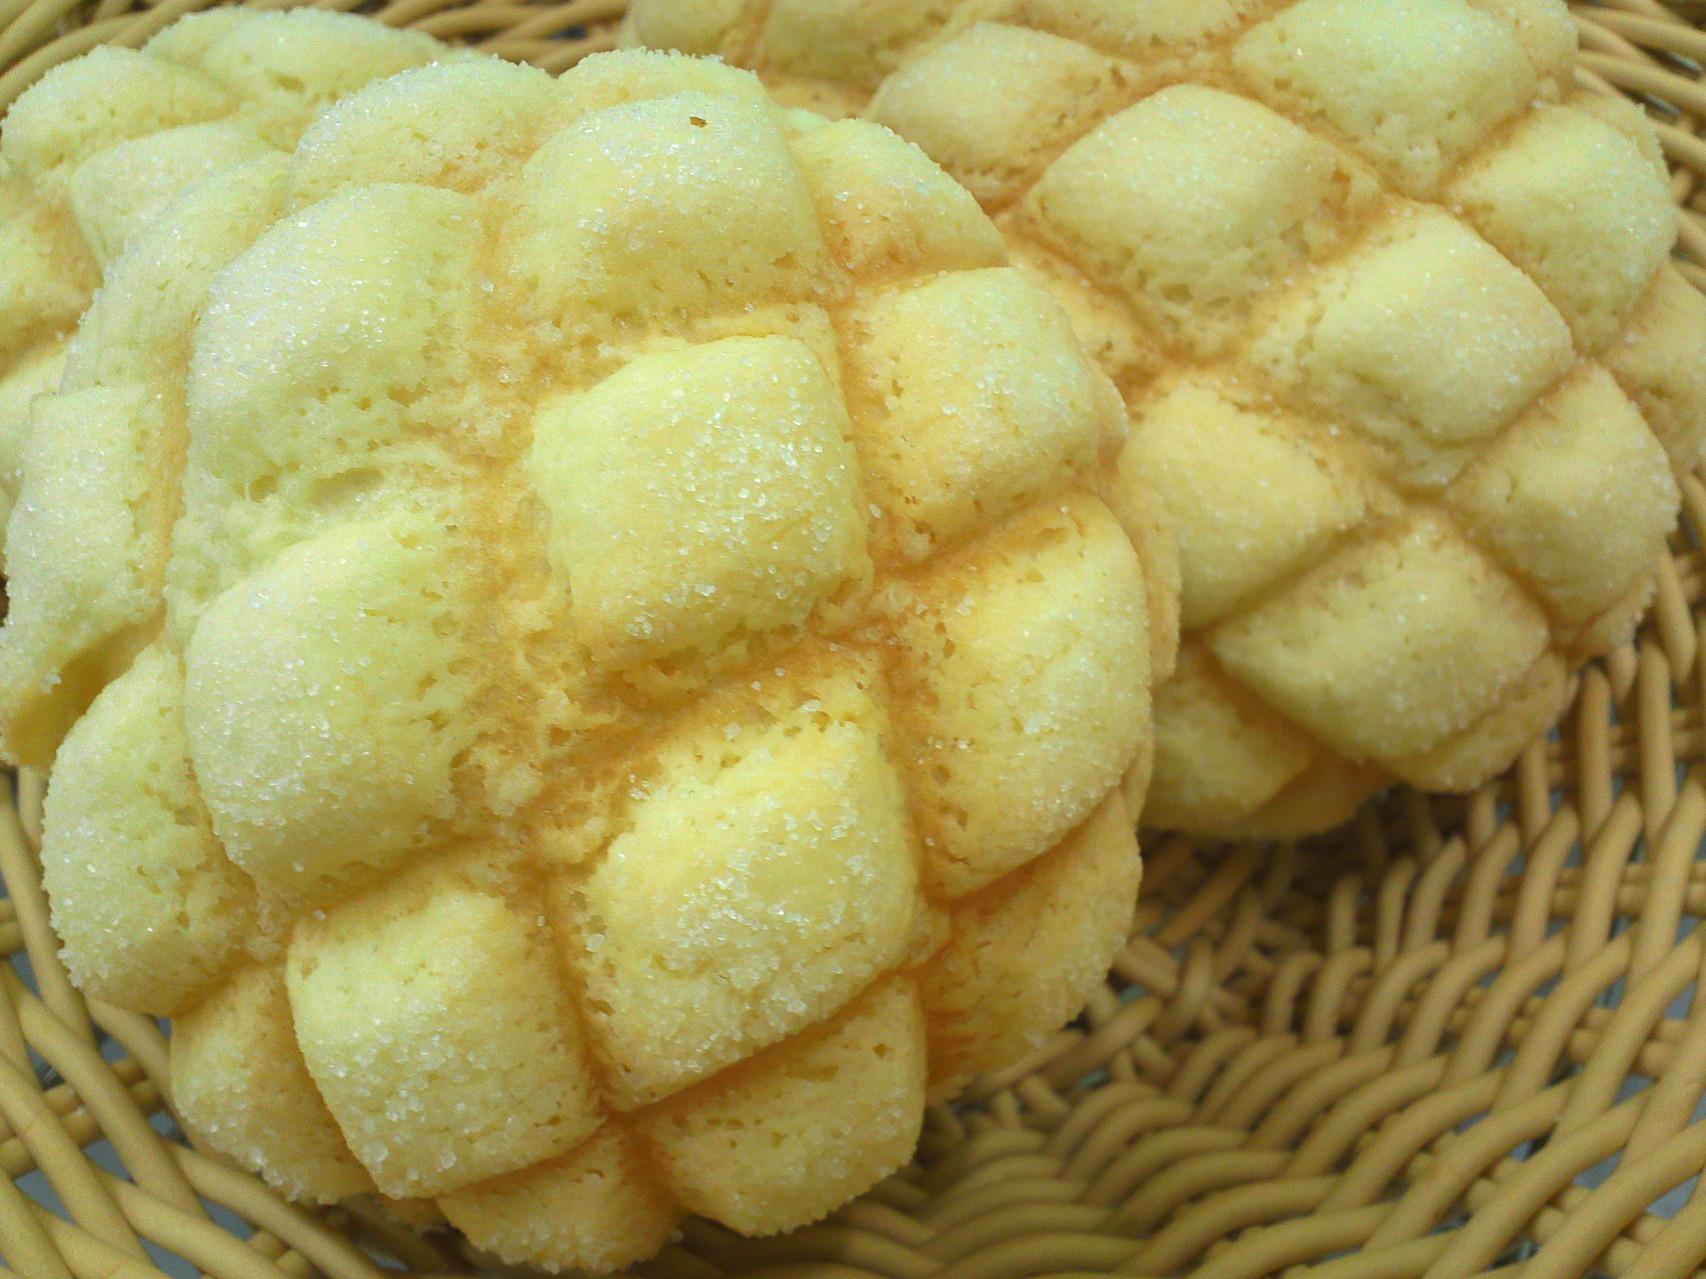 ふんわりパンにさっくさくのクッキー生地                        さくさくメロンパン